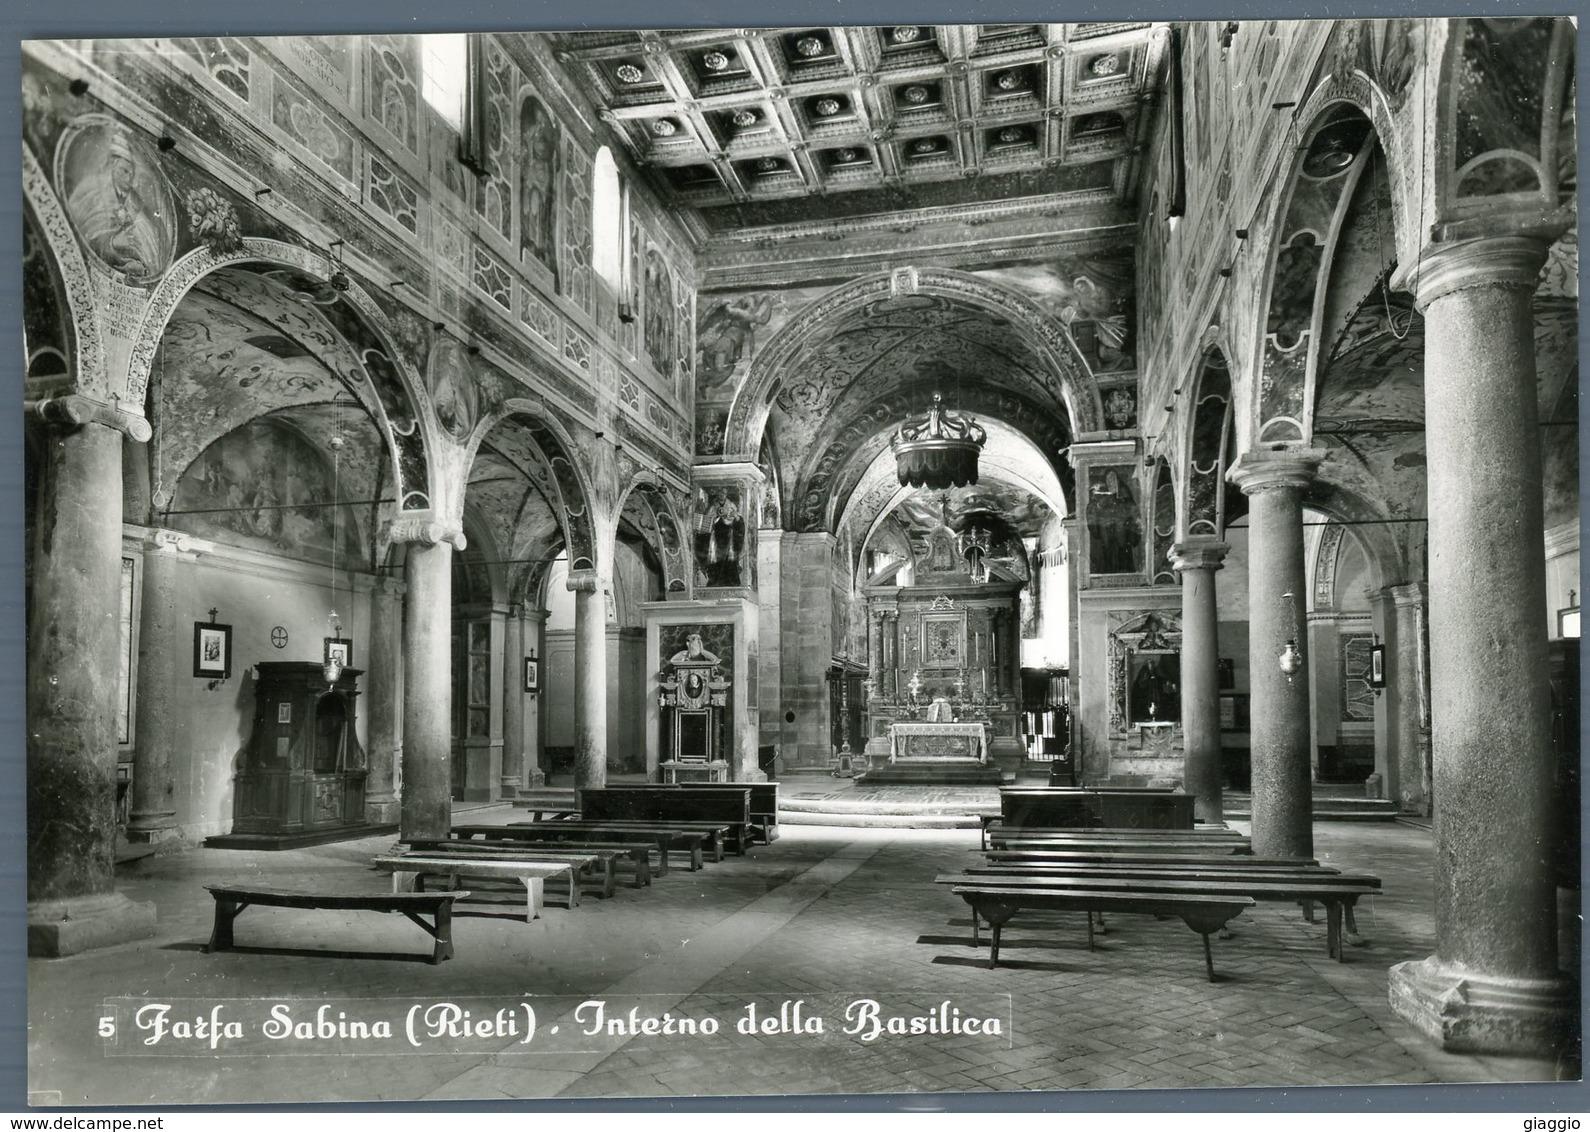 °°° Cartolina N. 82 Farfa Sabina Interno Della Basilica Nuova °°° - Rieti